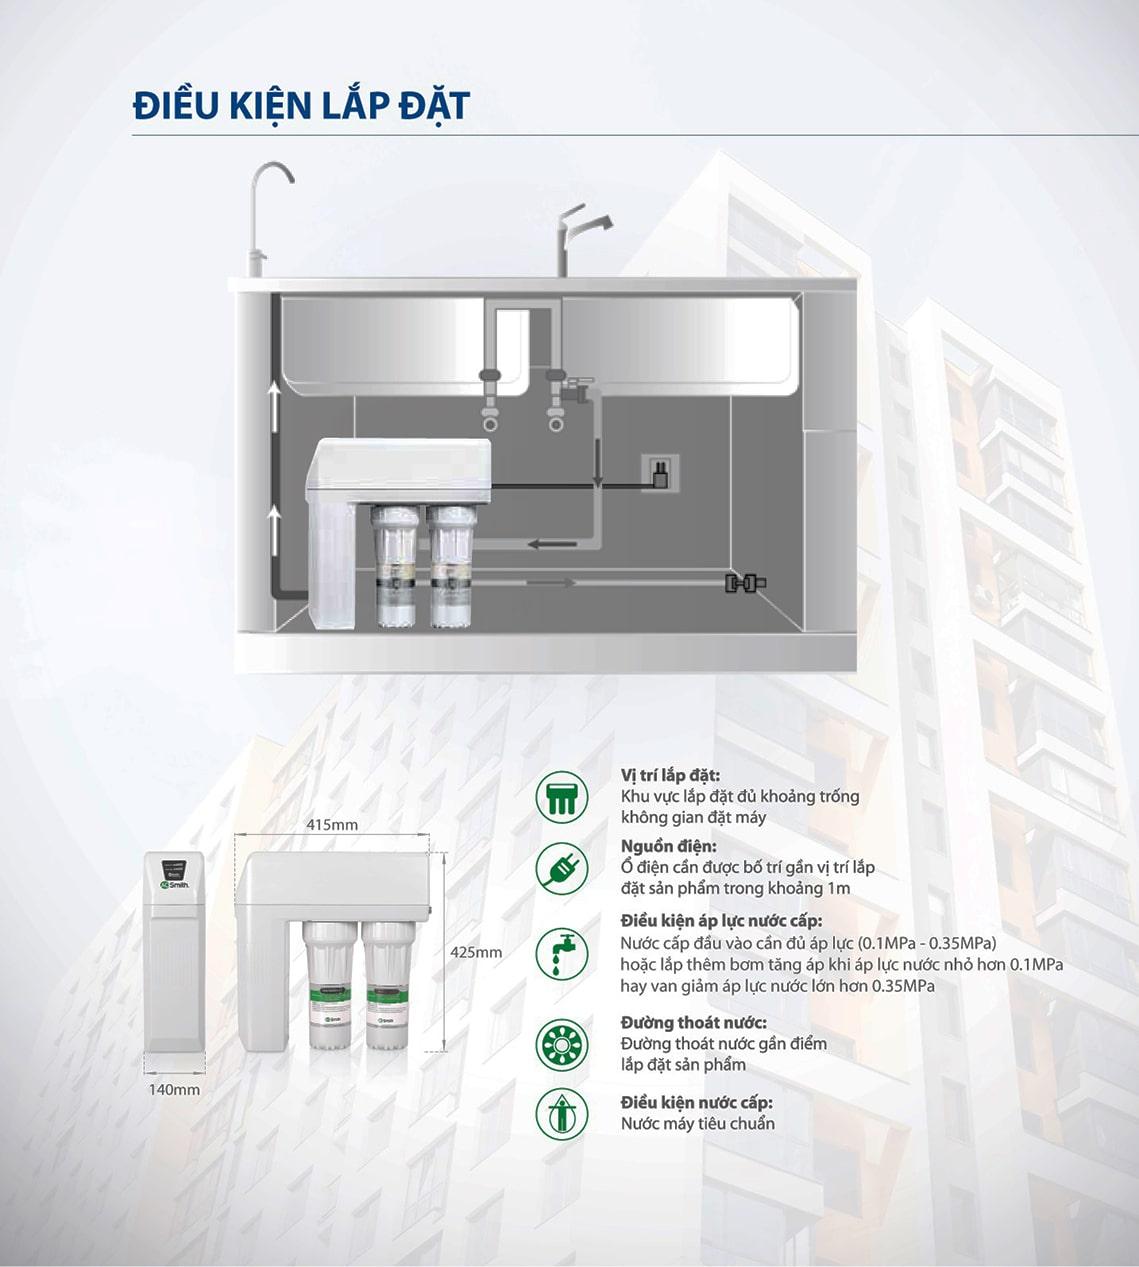 Điều kiện lắp đặt máy AoSmith R400S